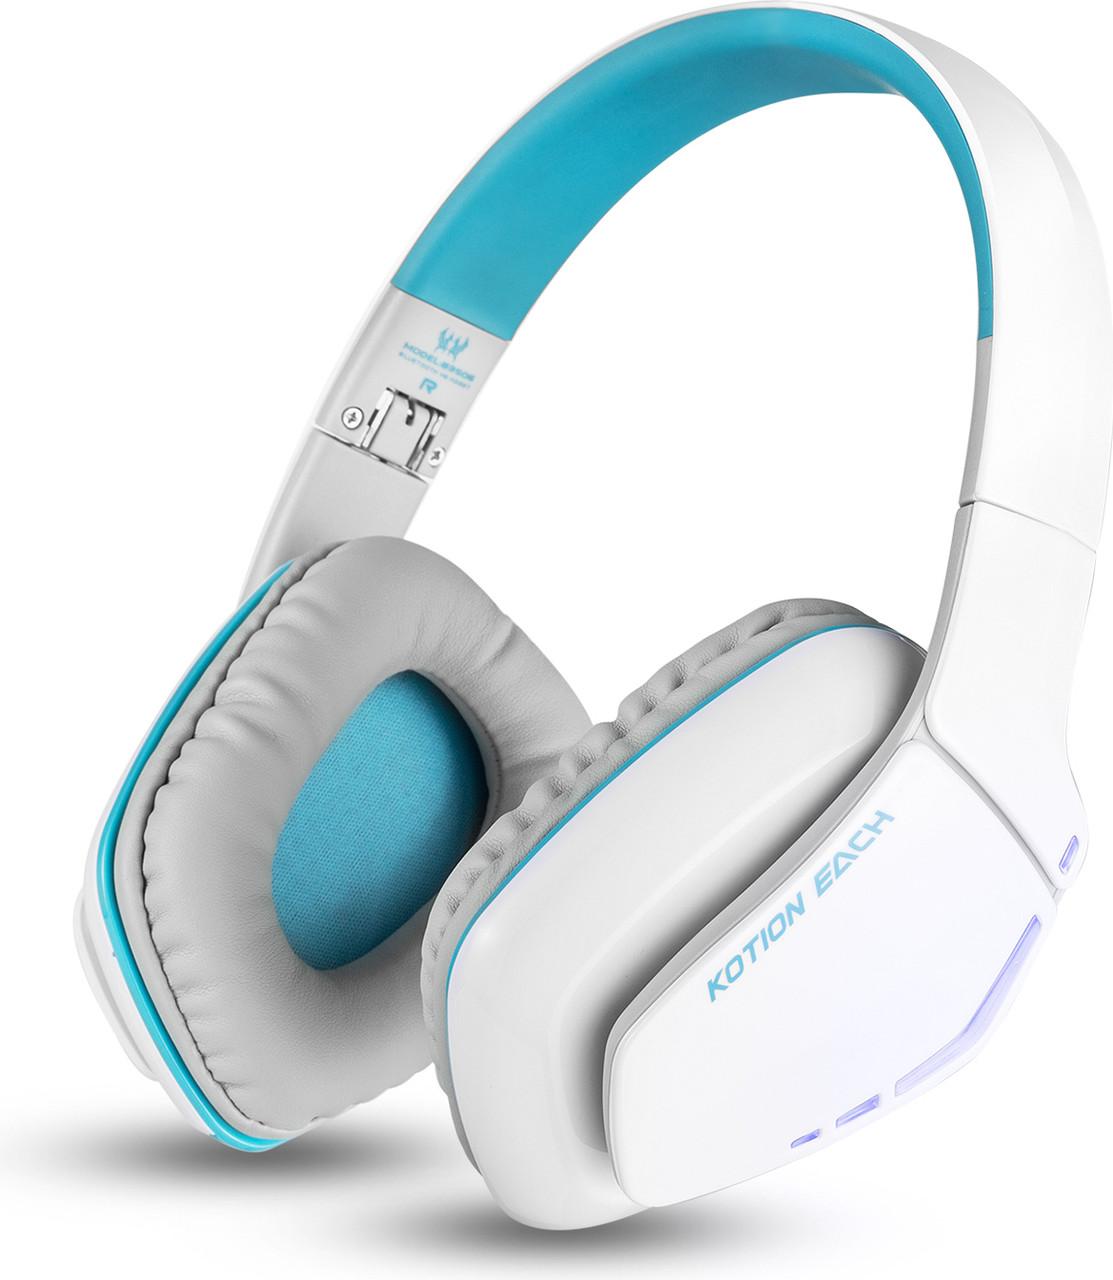 Беспроводные Bluetooth наушники Kotion EACH B3506 со складной конструкцией (Бело-голубой)